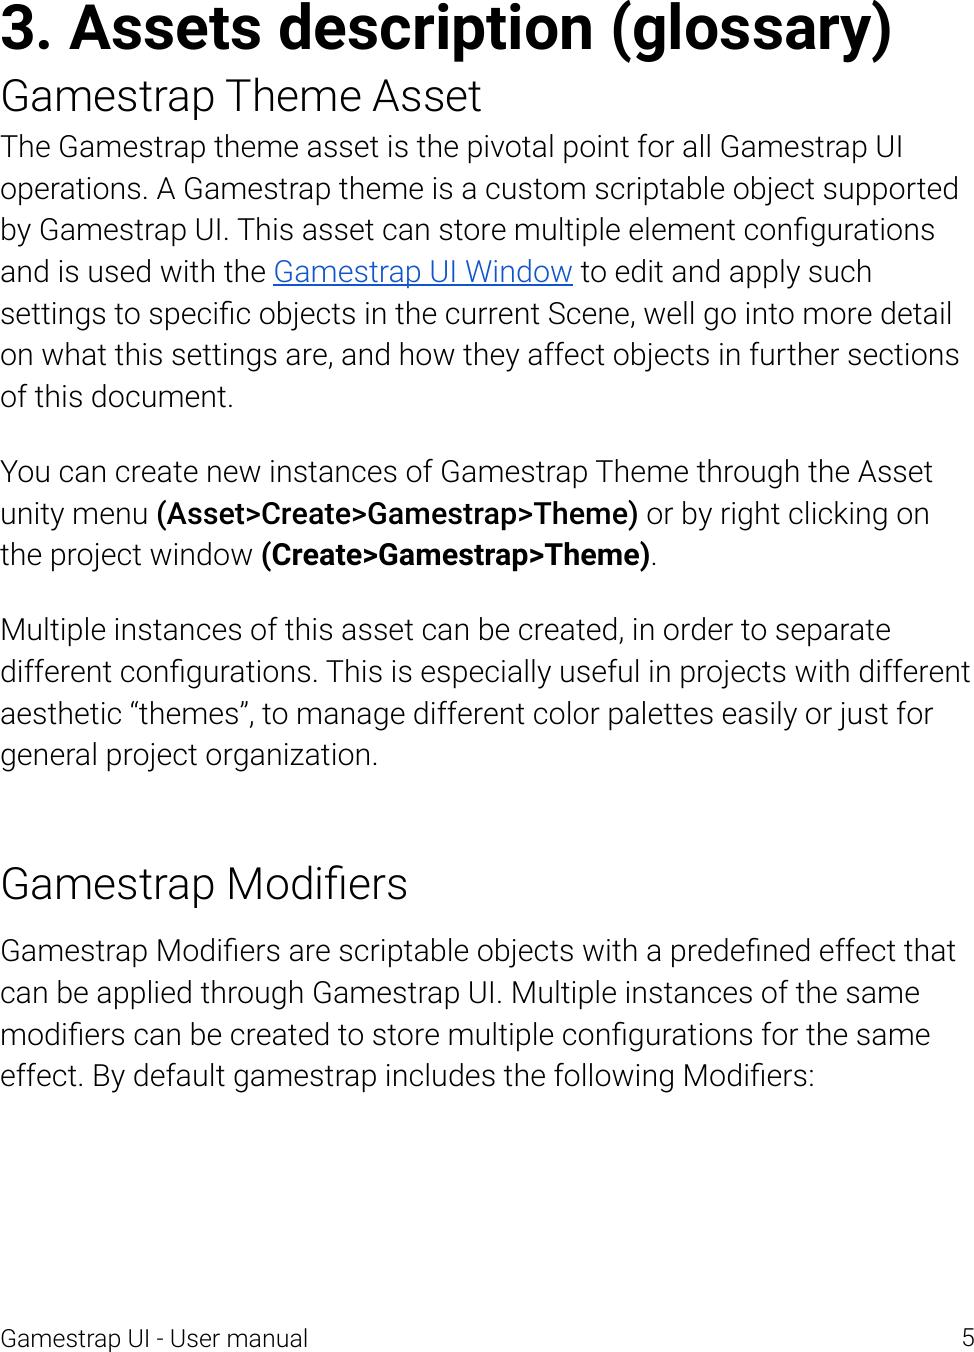 Gamestrapui Manual